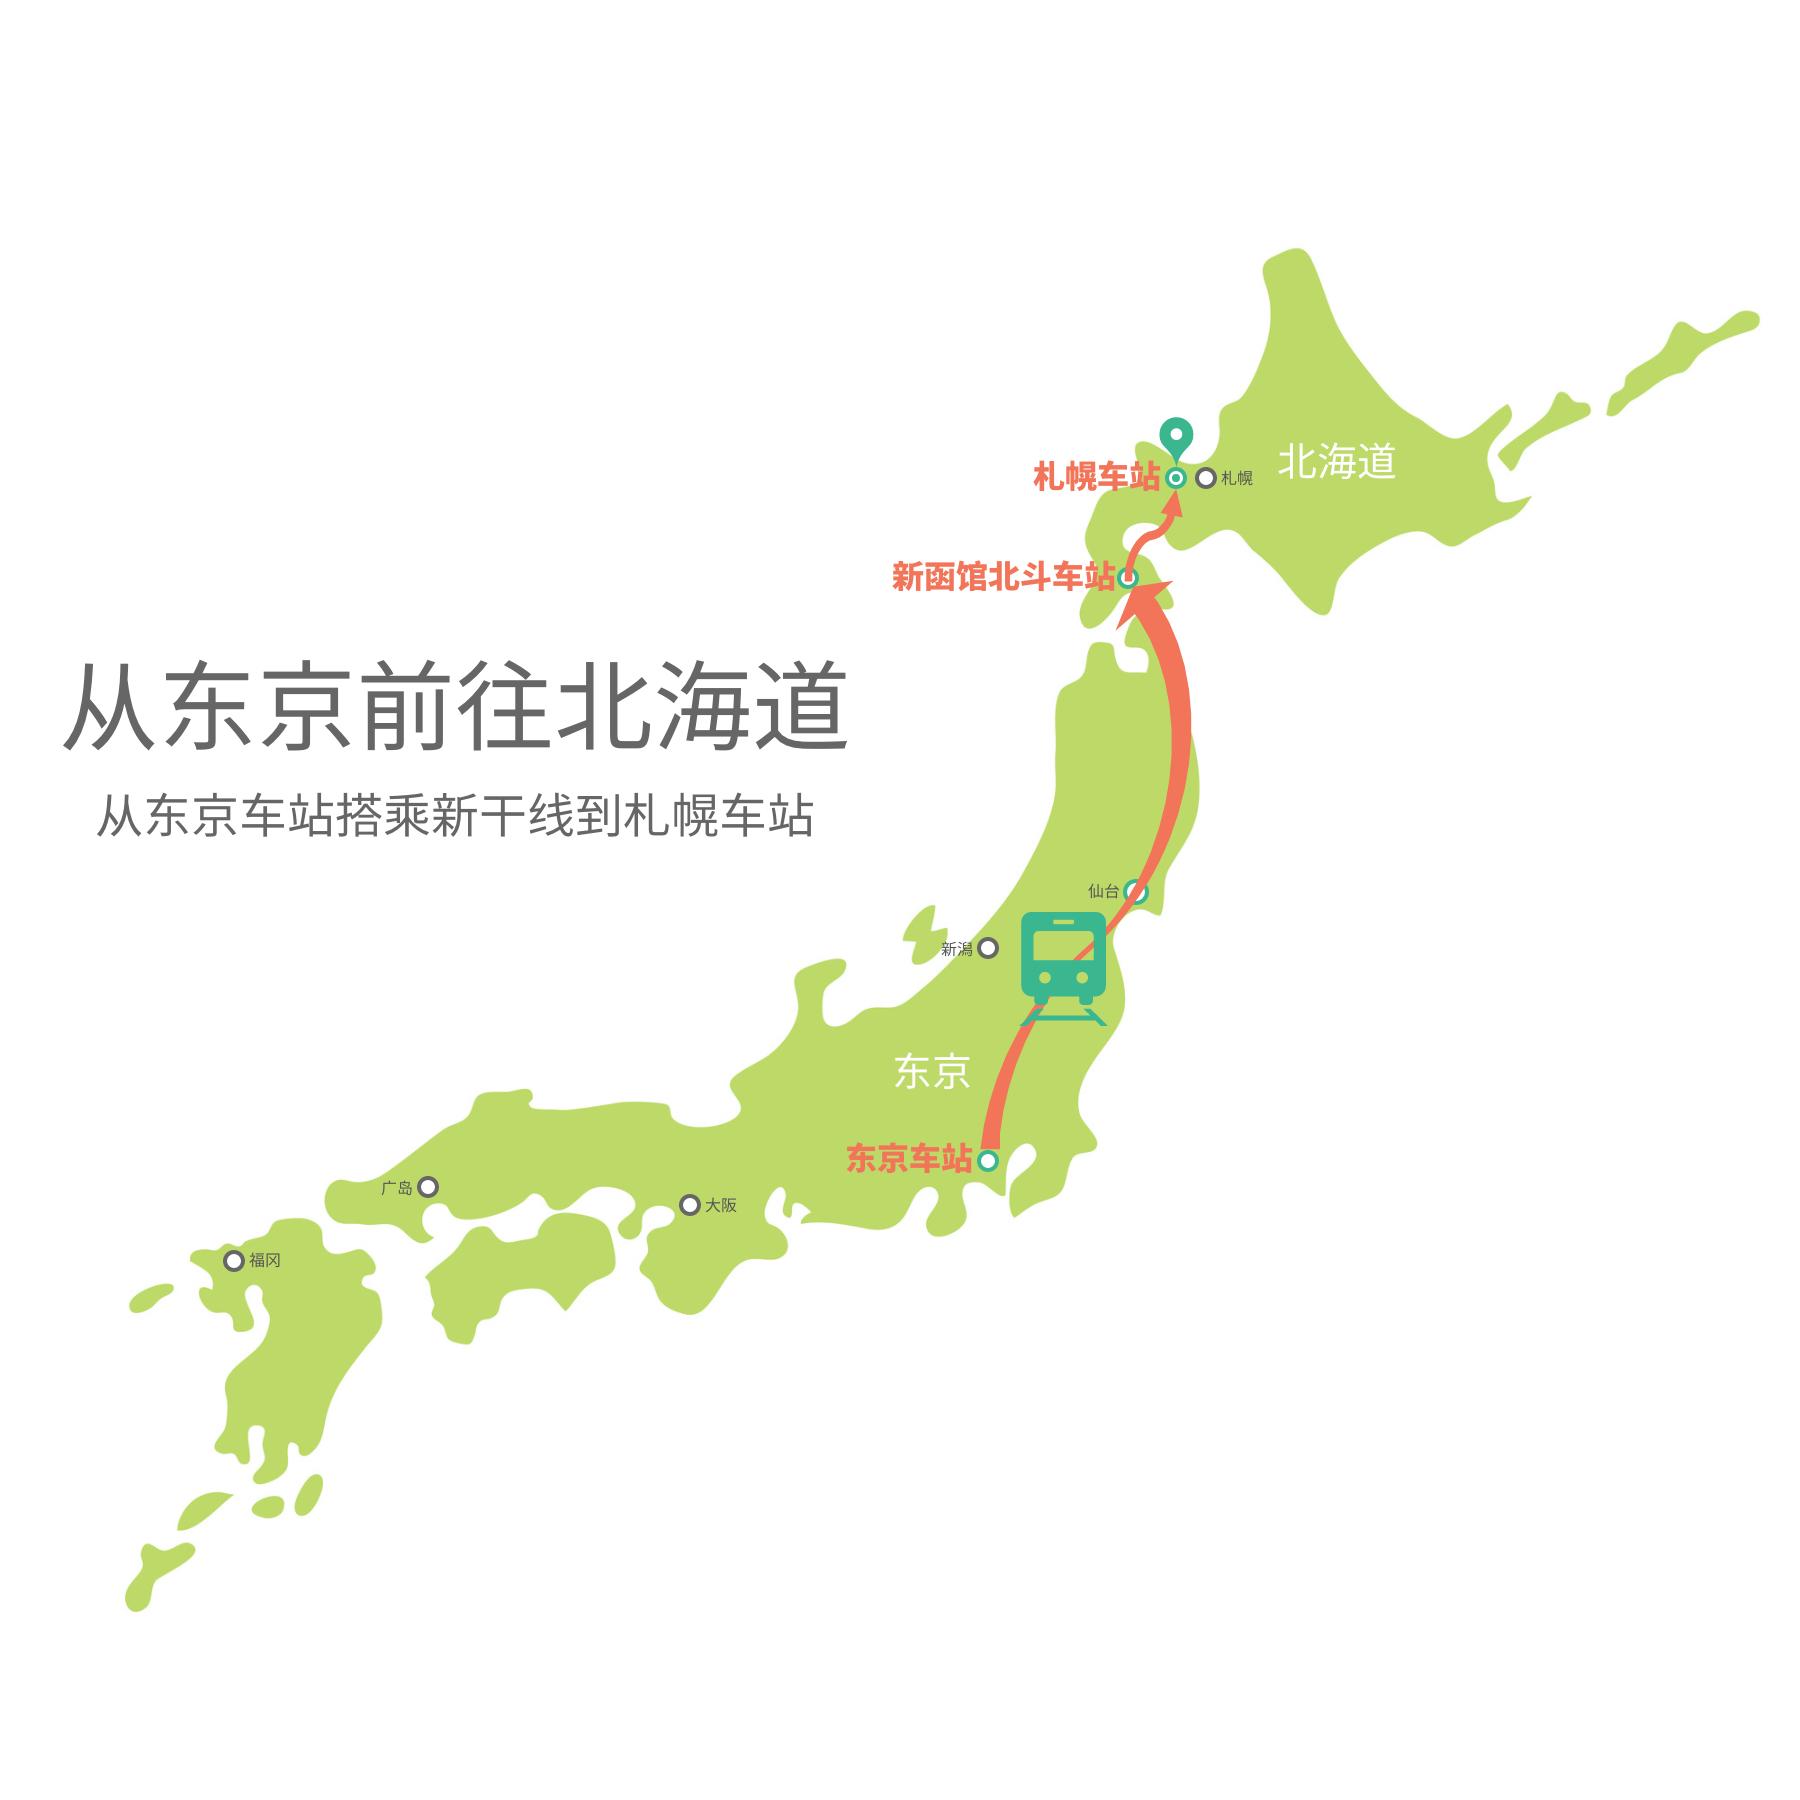 从东京车站搭乘新干线到札幌车站的交通方式示意图